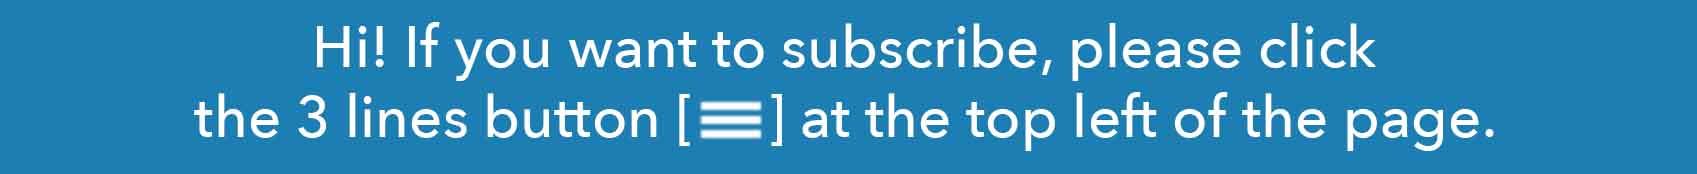 subscribe_description